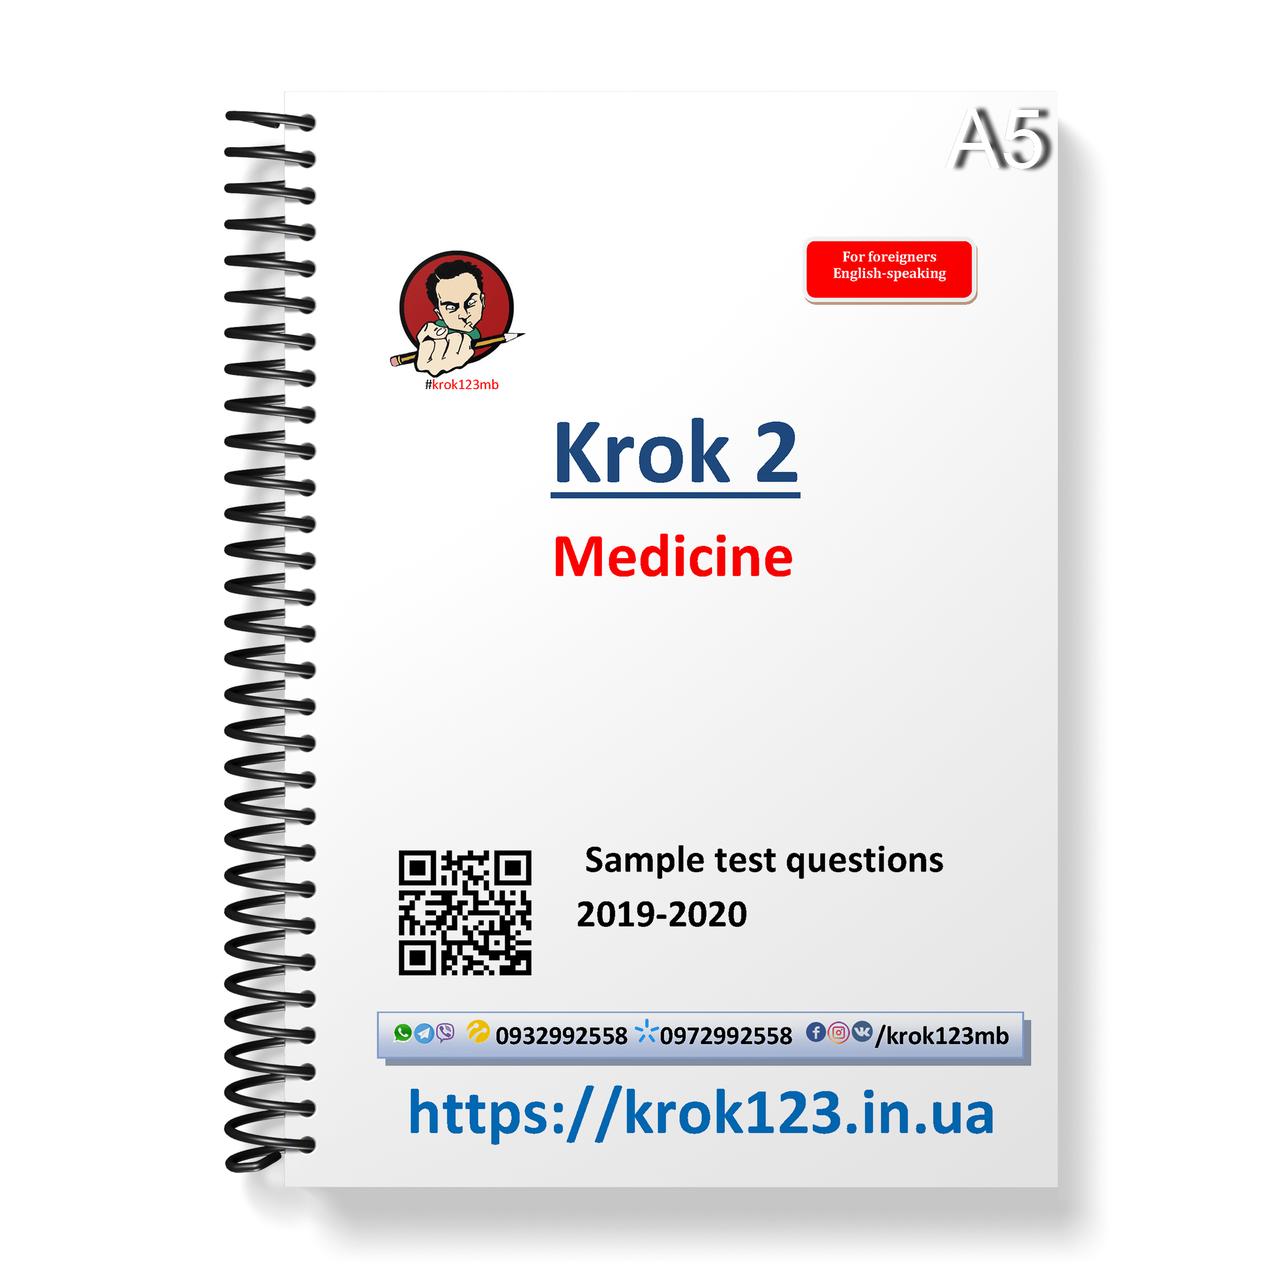 Крок 2. Медицина. ЕГКЭ (Примеры тестовых заданий) 2019-2020. Для иностранцев англоязычных. Формат А5